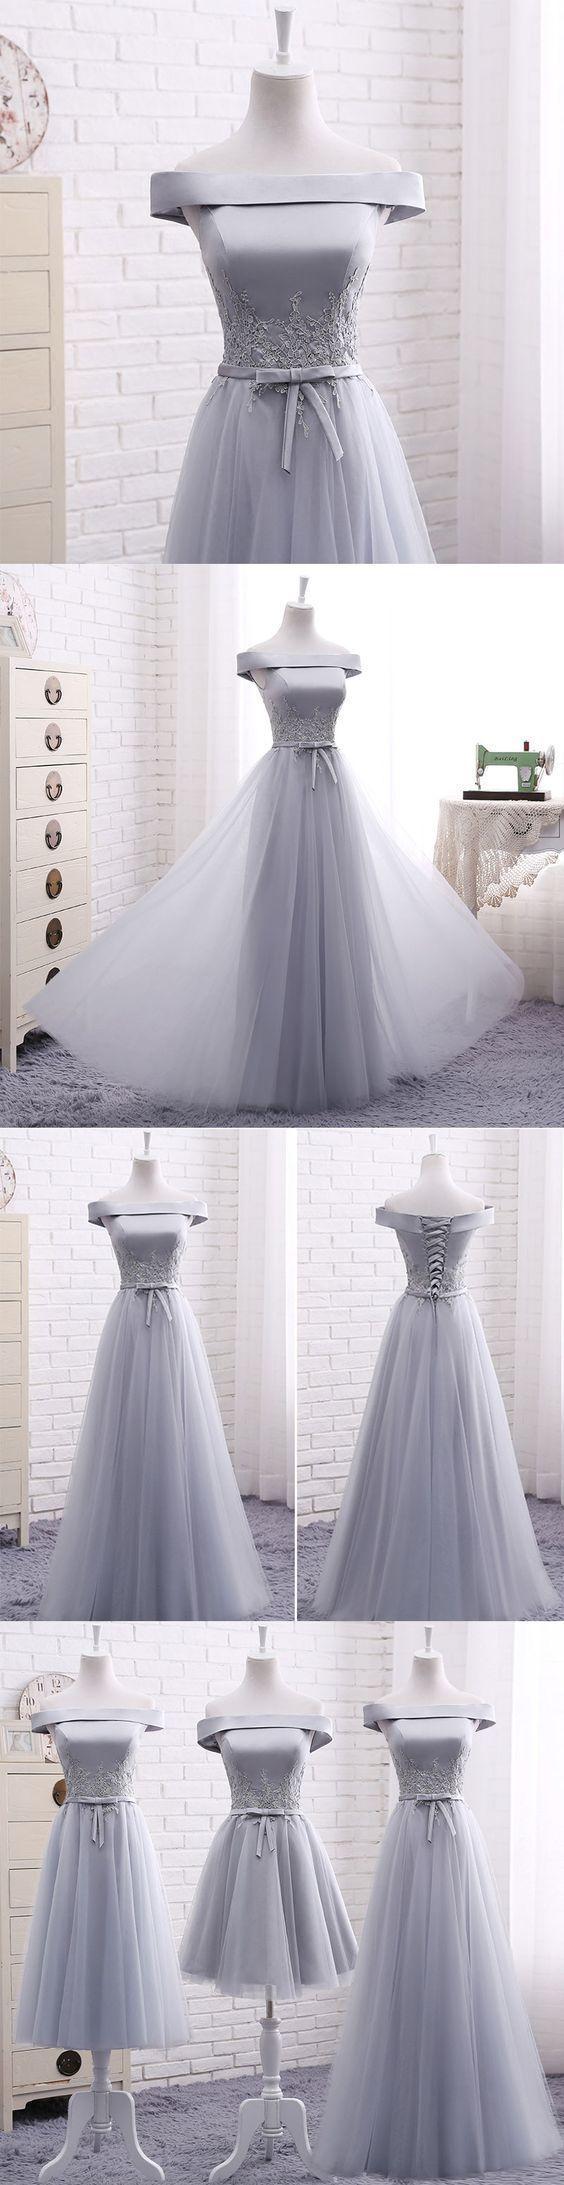 Elegant A line gray off shoulder long prom dress, short evening dresses,Formal